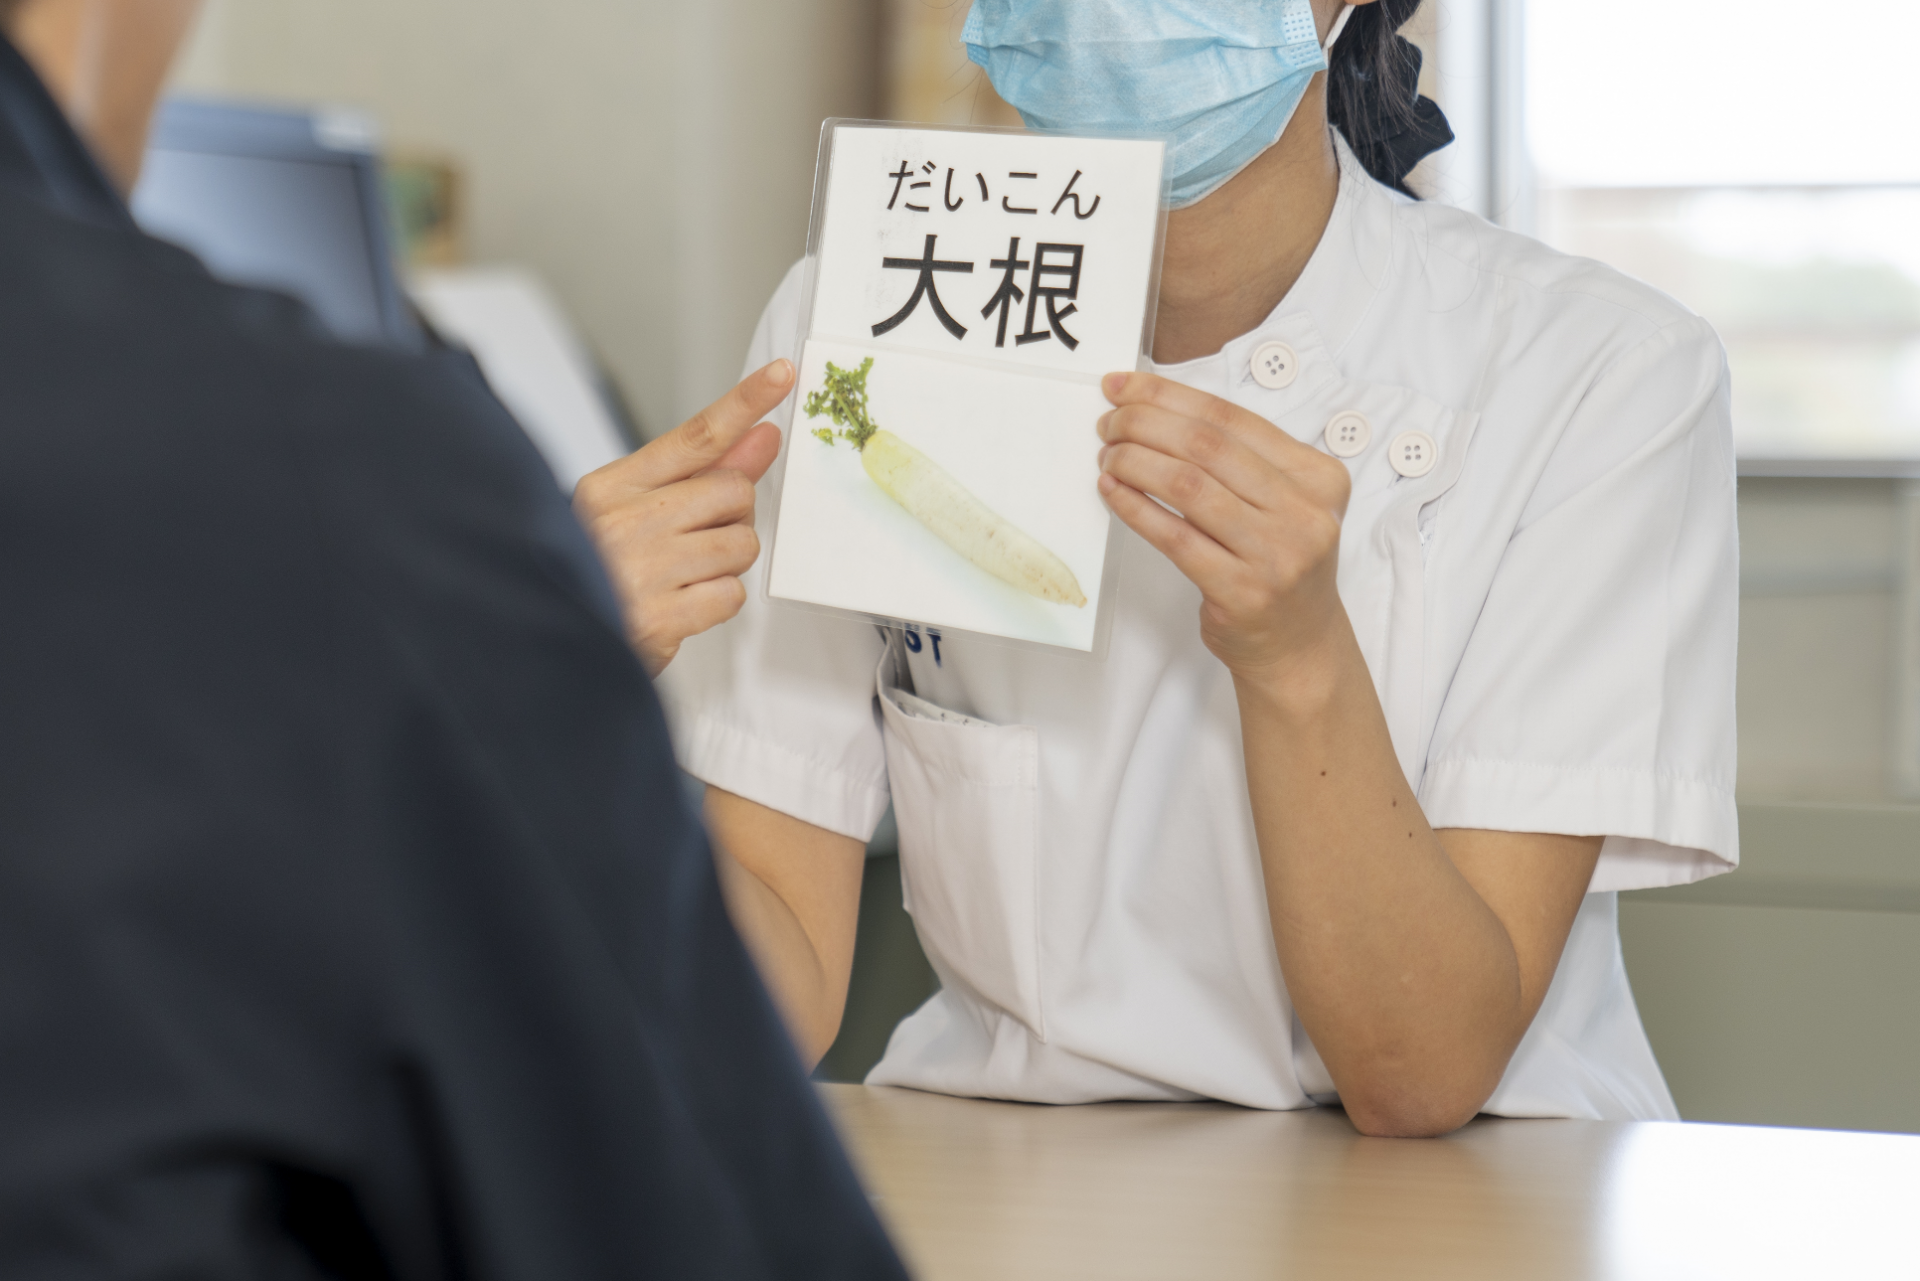 写真:言語聴覚士が患者にカードを見せている様子1